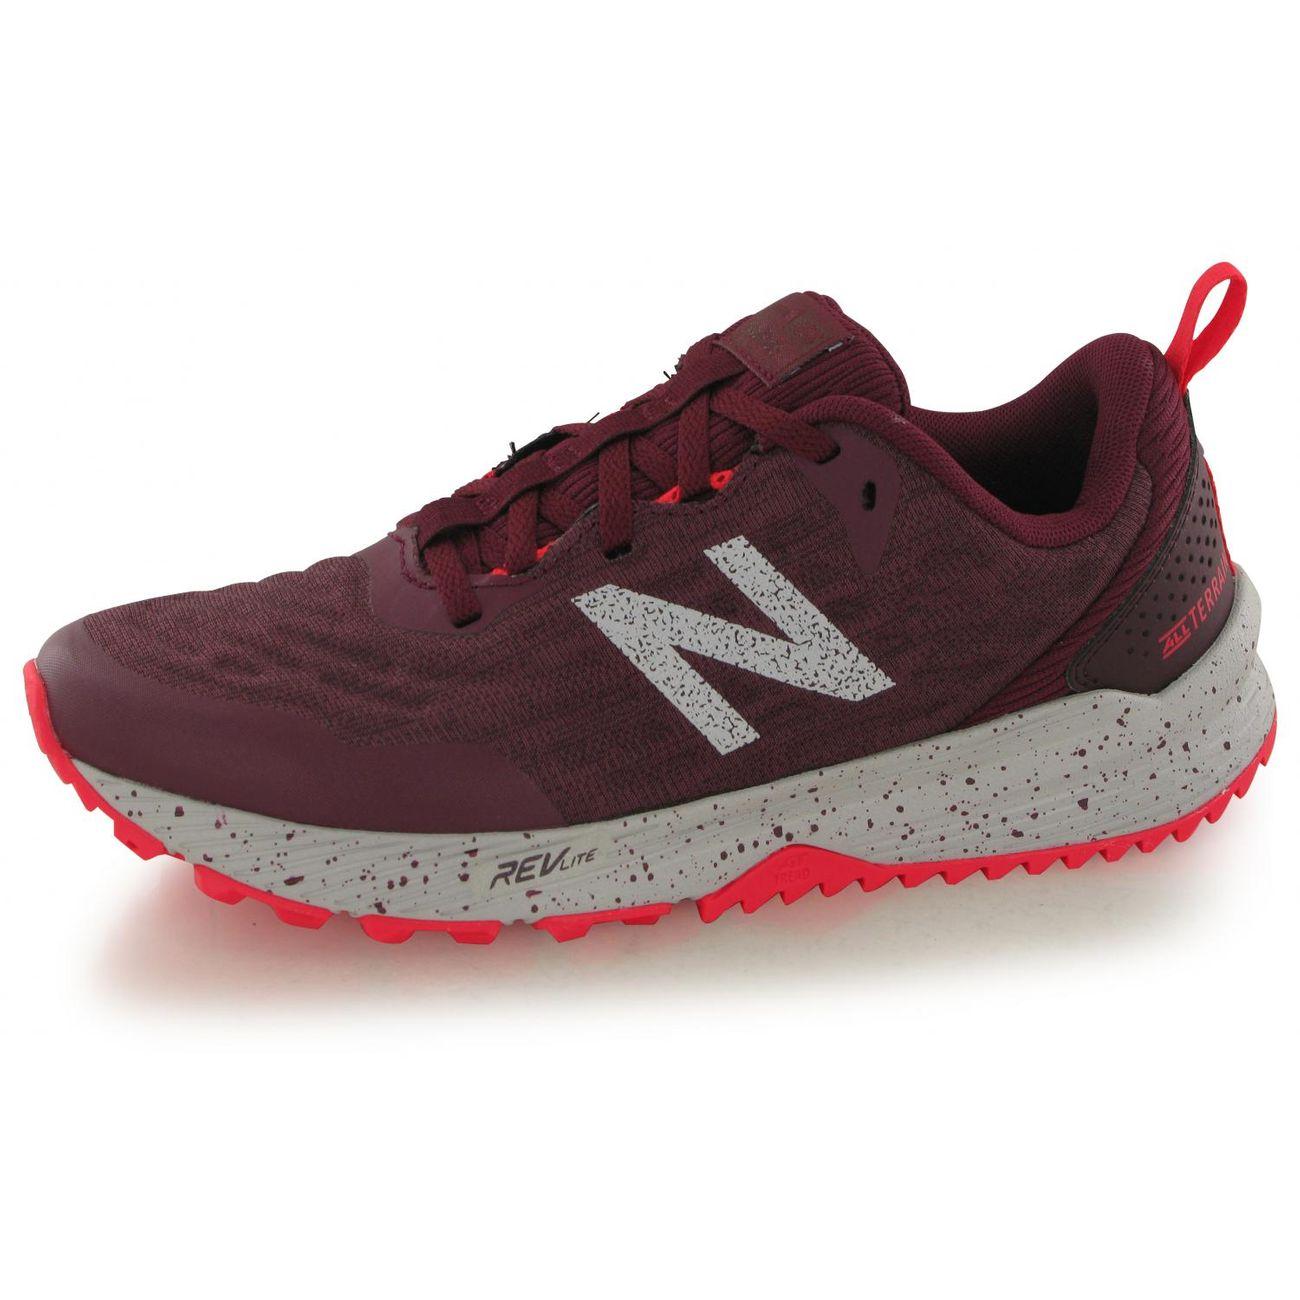 Balance All Femme Nitrel Running Chaussures Terrain New Yybf7g6